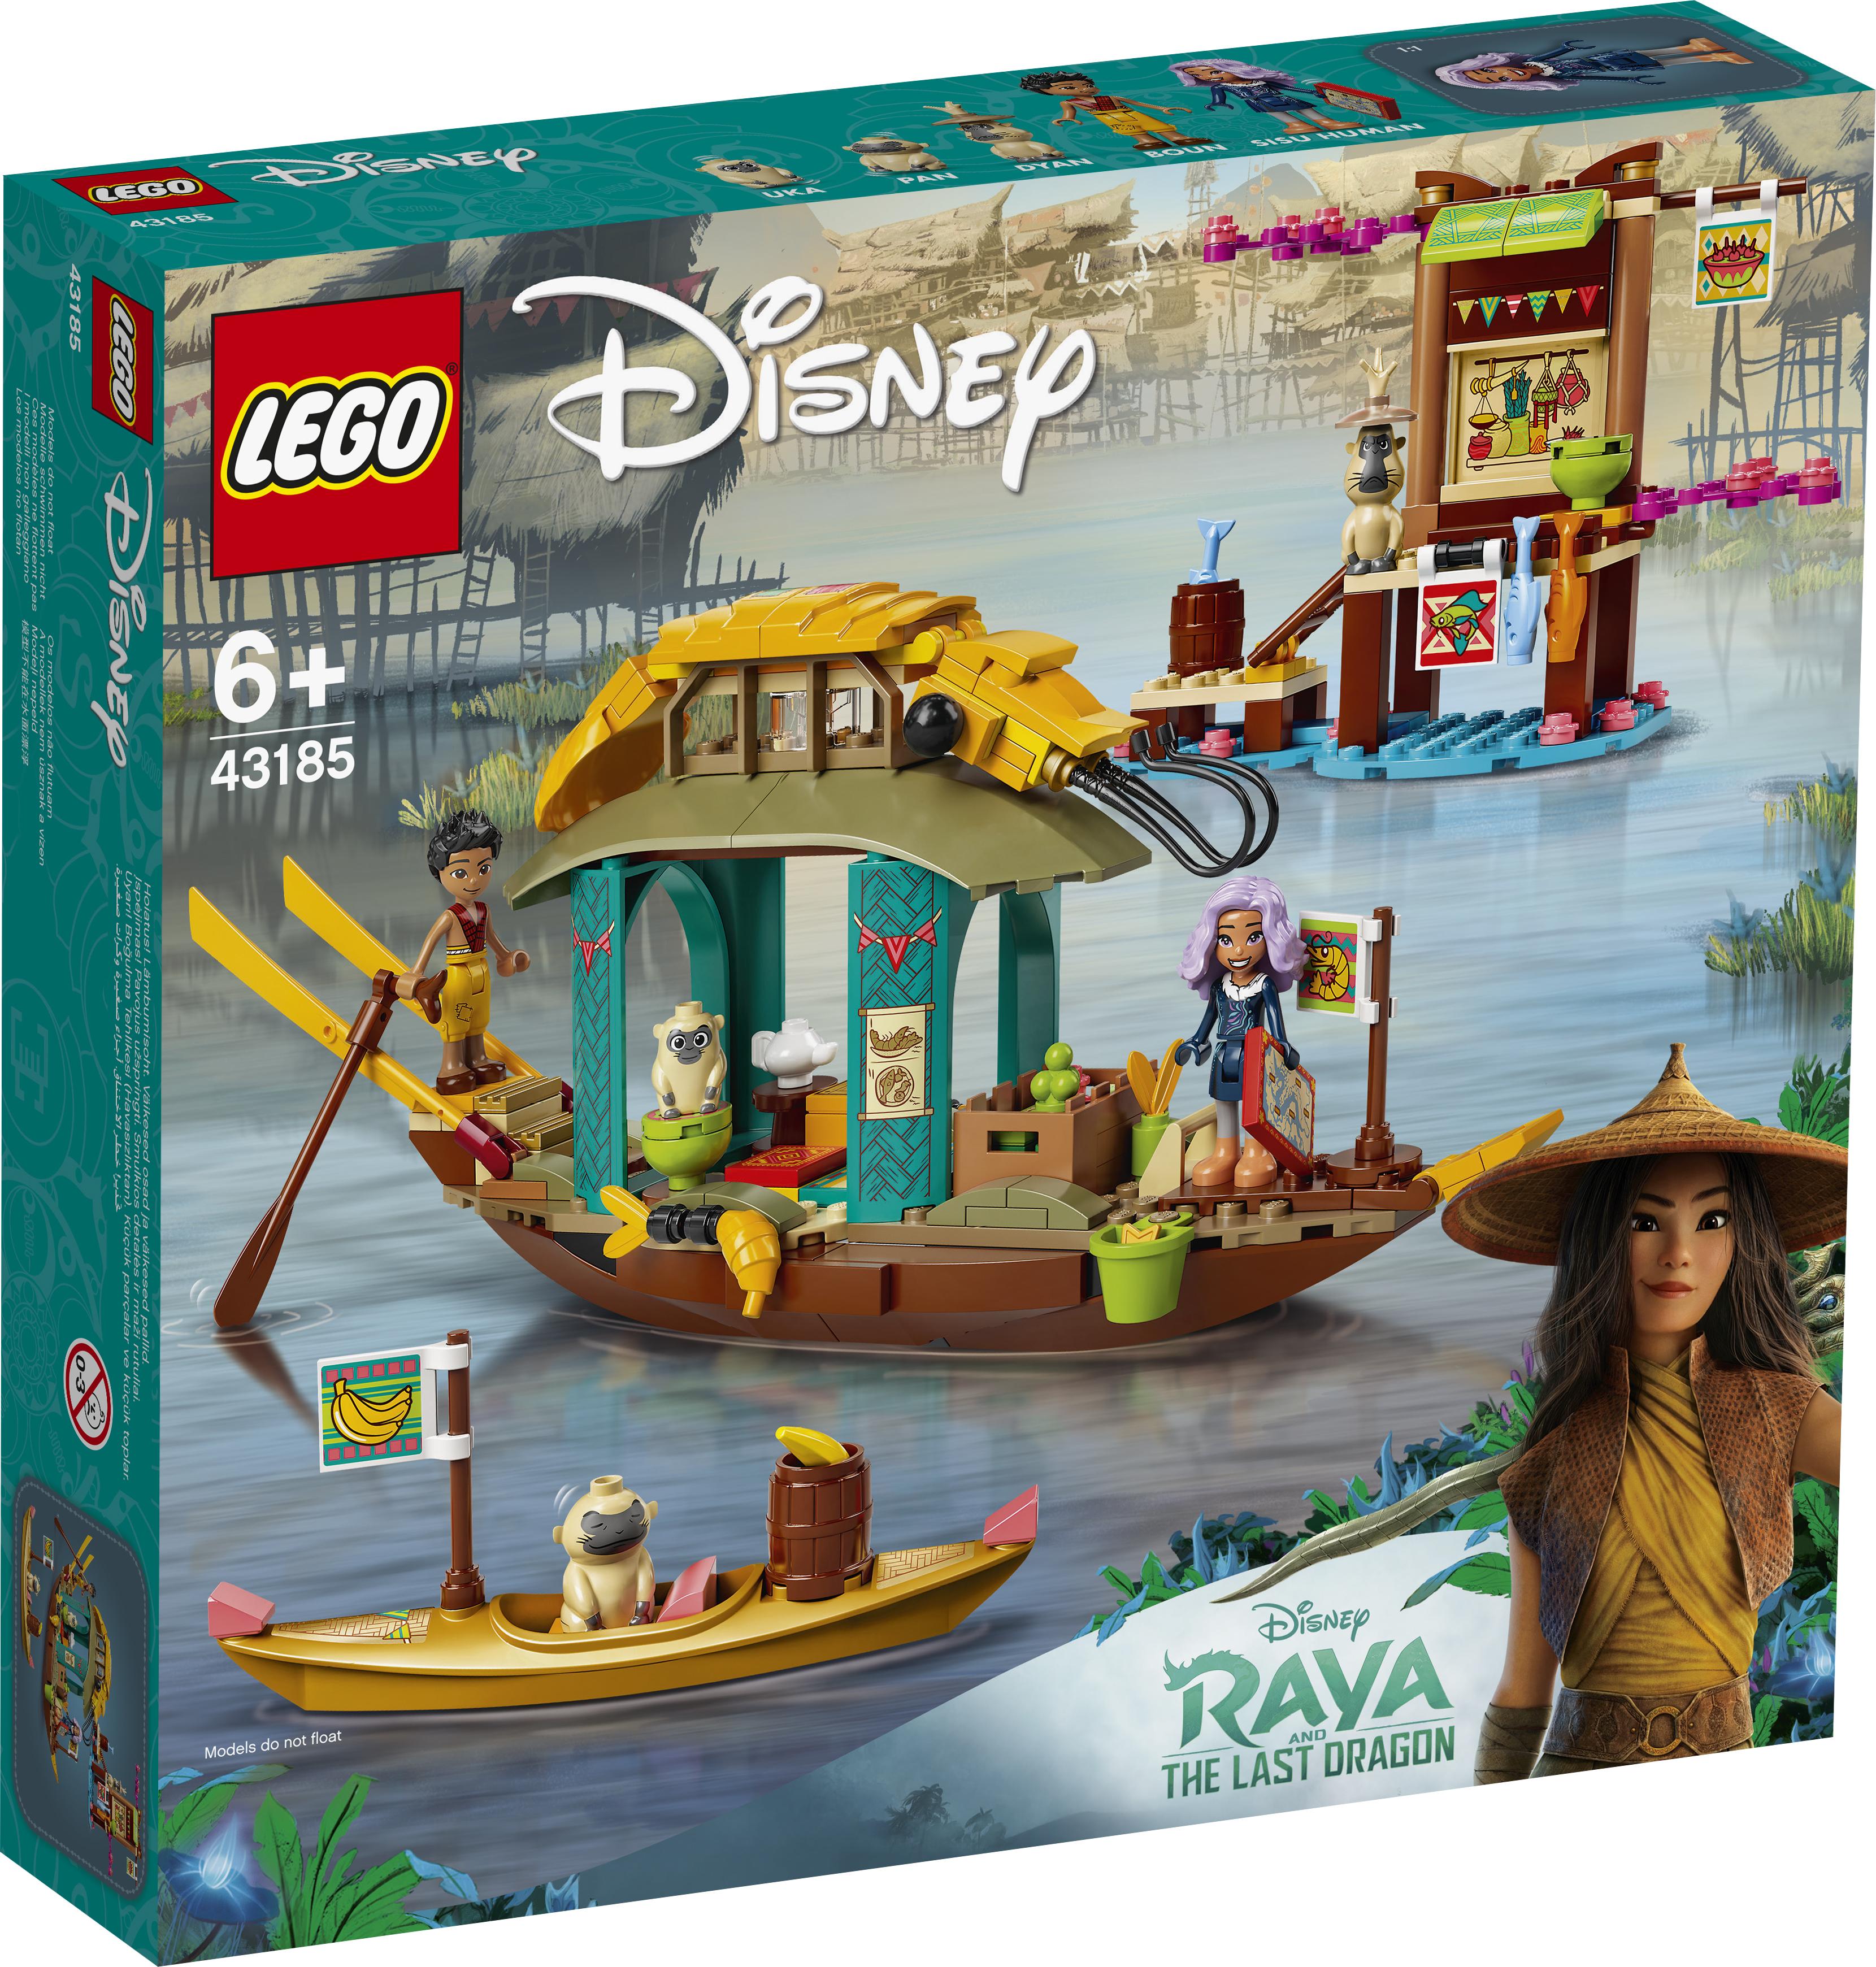 LEGO Disney Bouns båd - 43185